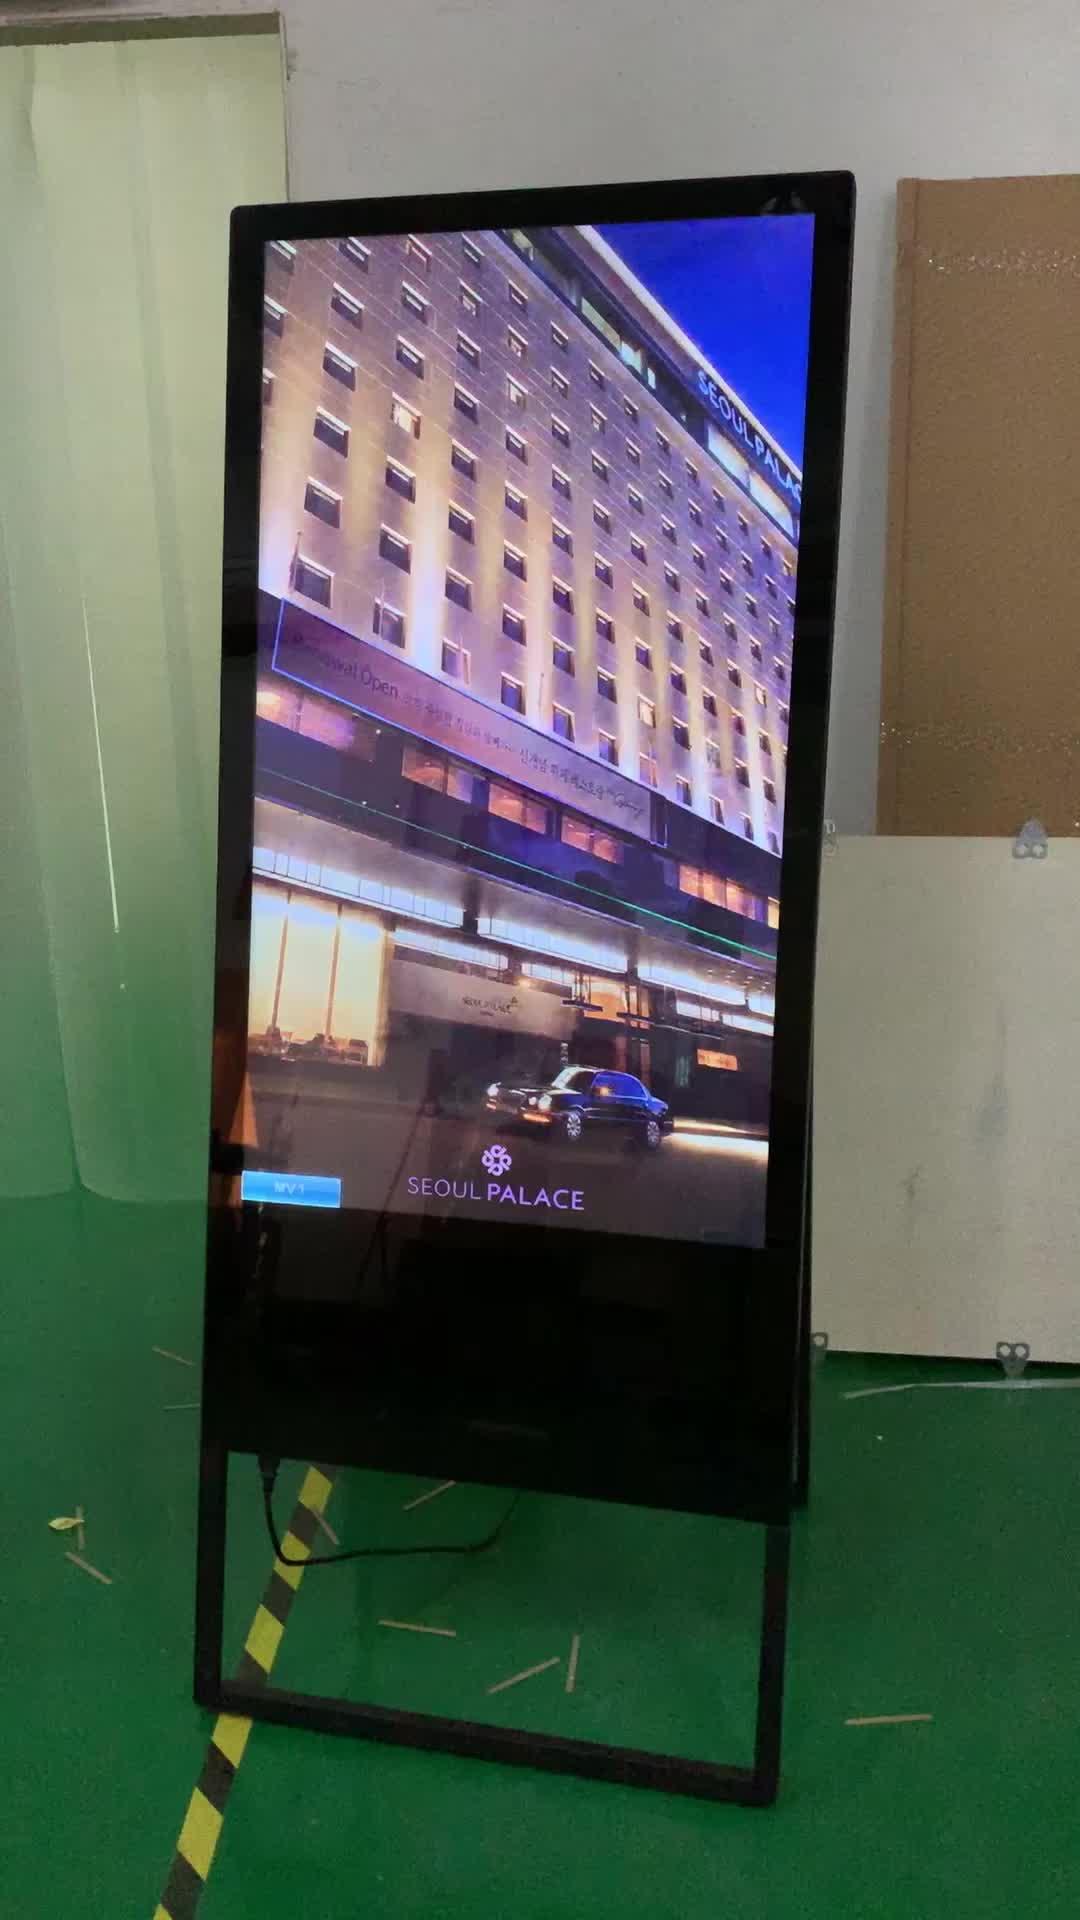 """मुक्त खड़े foldable अप 32 """"43"""" 49 """"55"""" इंच एलईडी एलसीडी ई-मेनू डिजिटल विज्ञापन कॉफी शॉप रेस्तरां के लिए टचस्क्रीन मॉनिटर"""